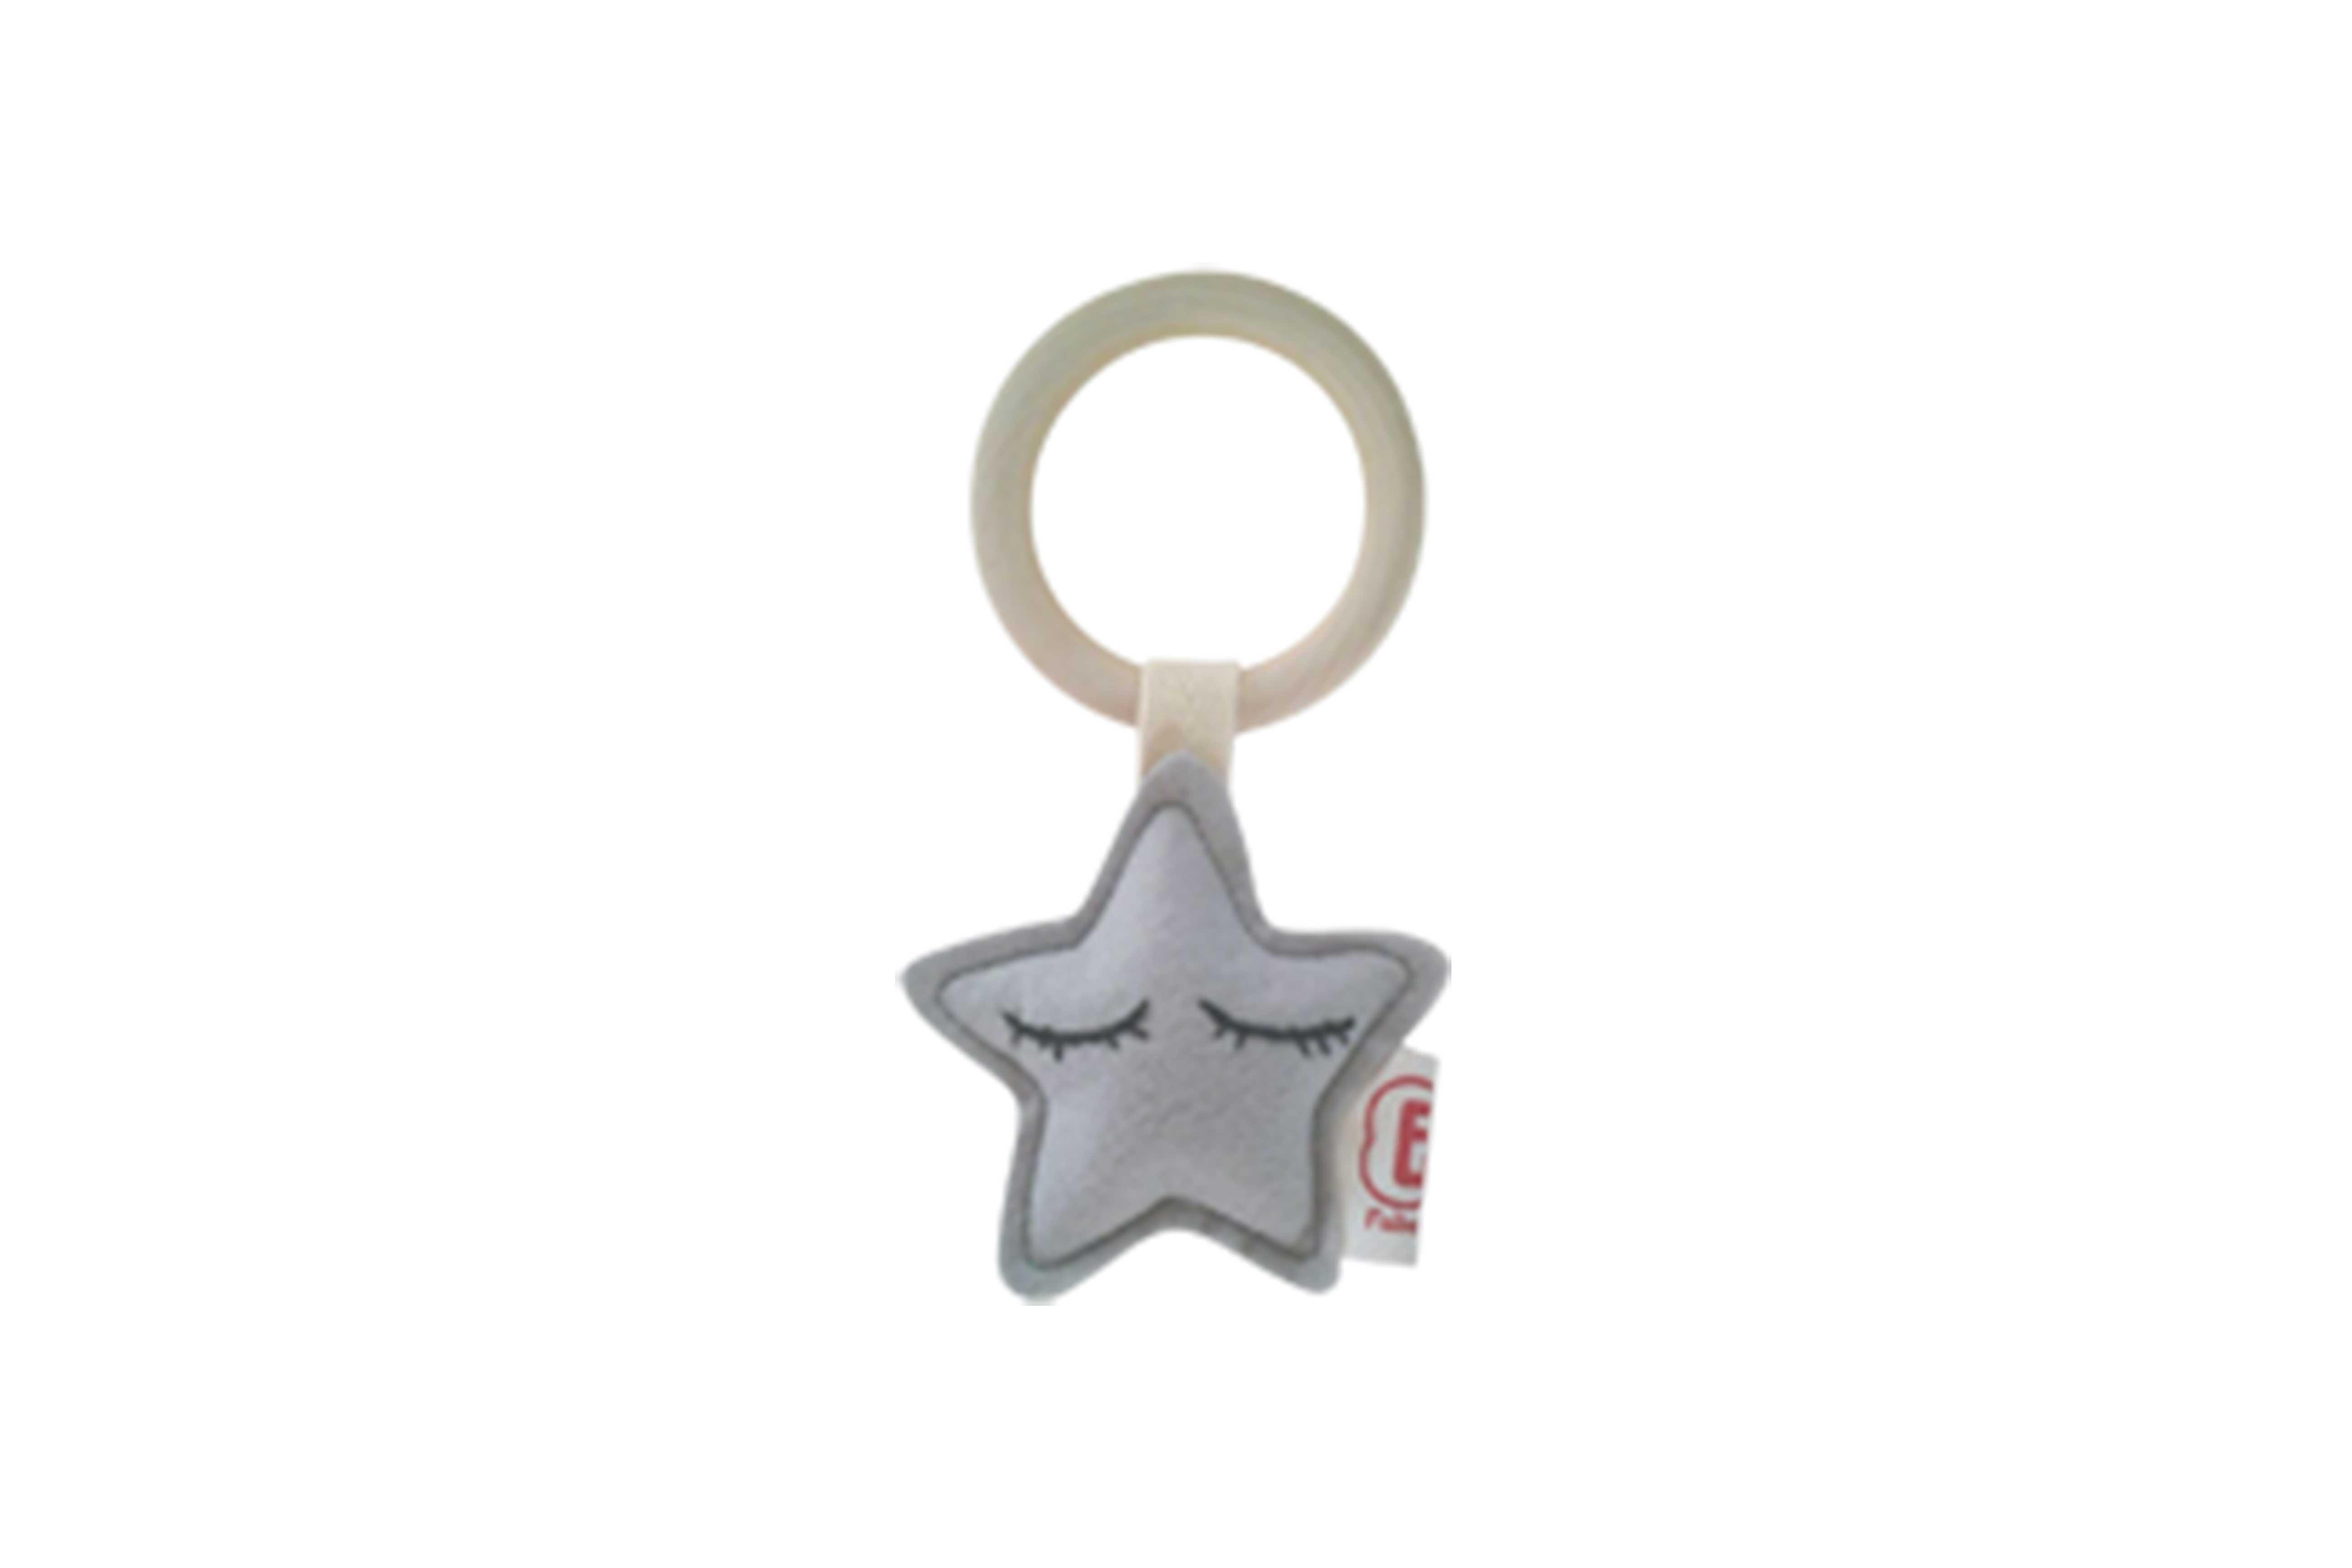 Teething ring star